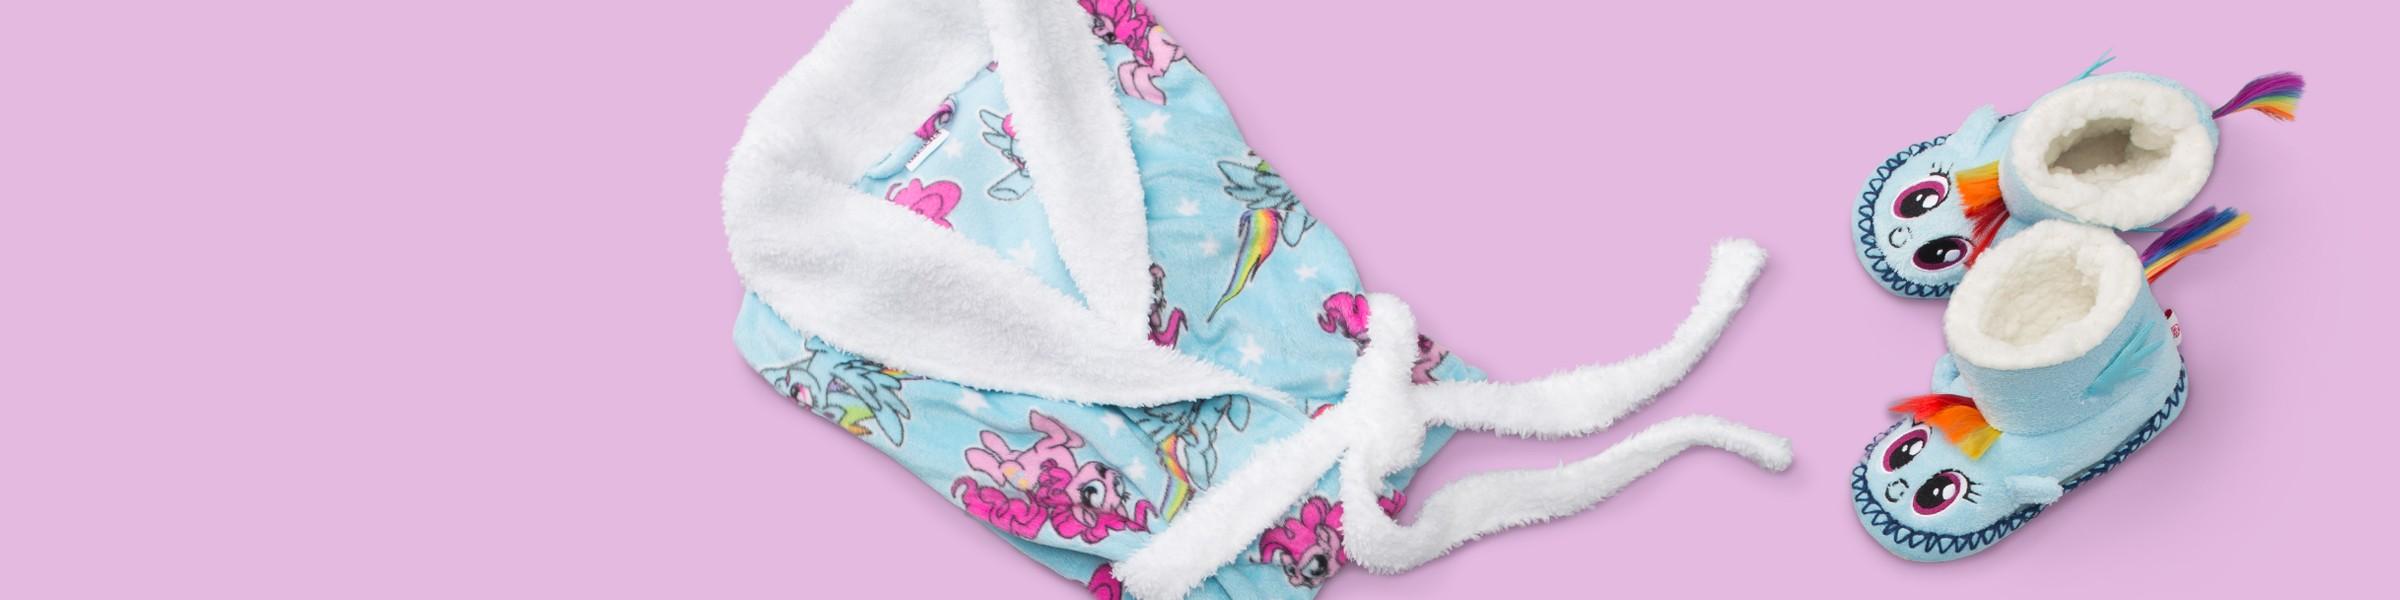 tween 10 12 years pajamas u0026 robes target